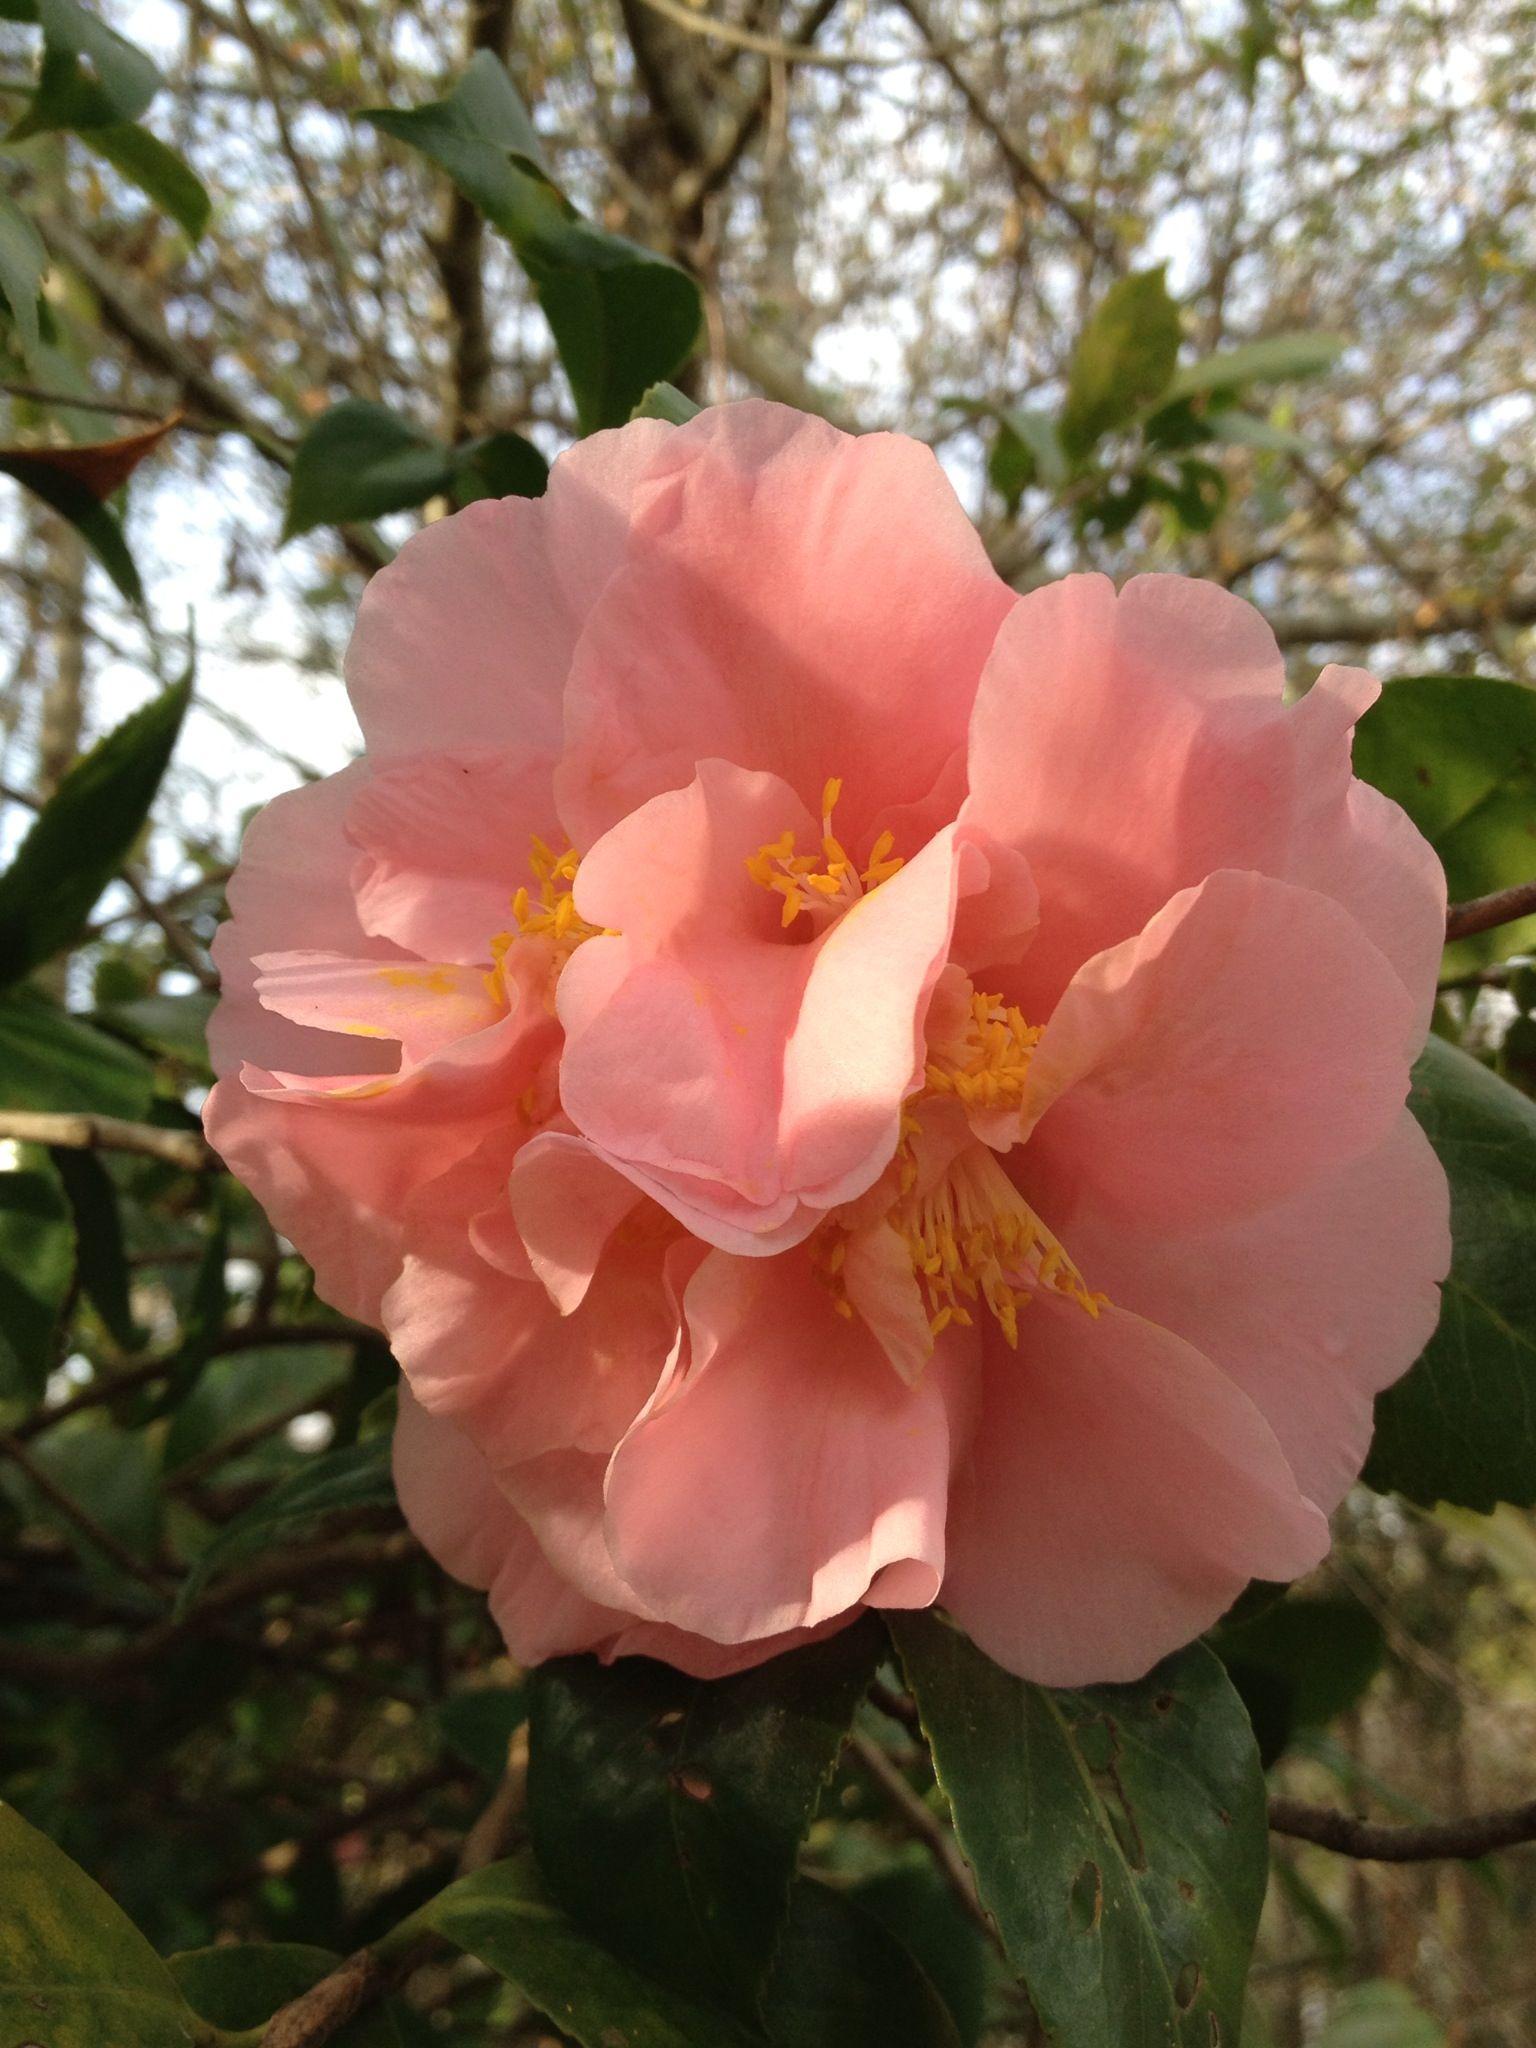 Love the soft peach color | Flowers Etc | Pinterest | Peach colors ...